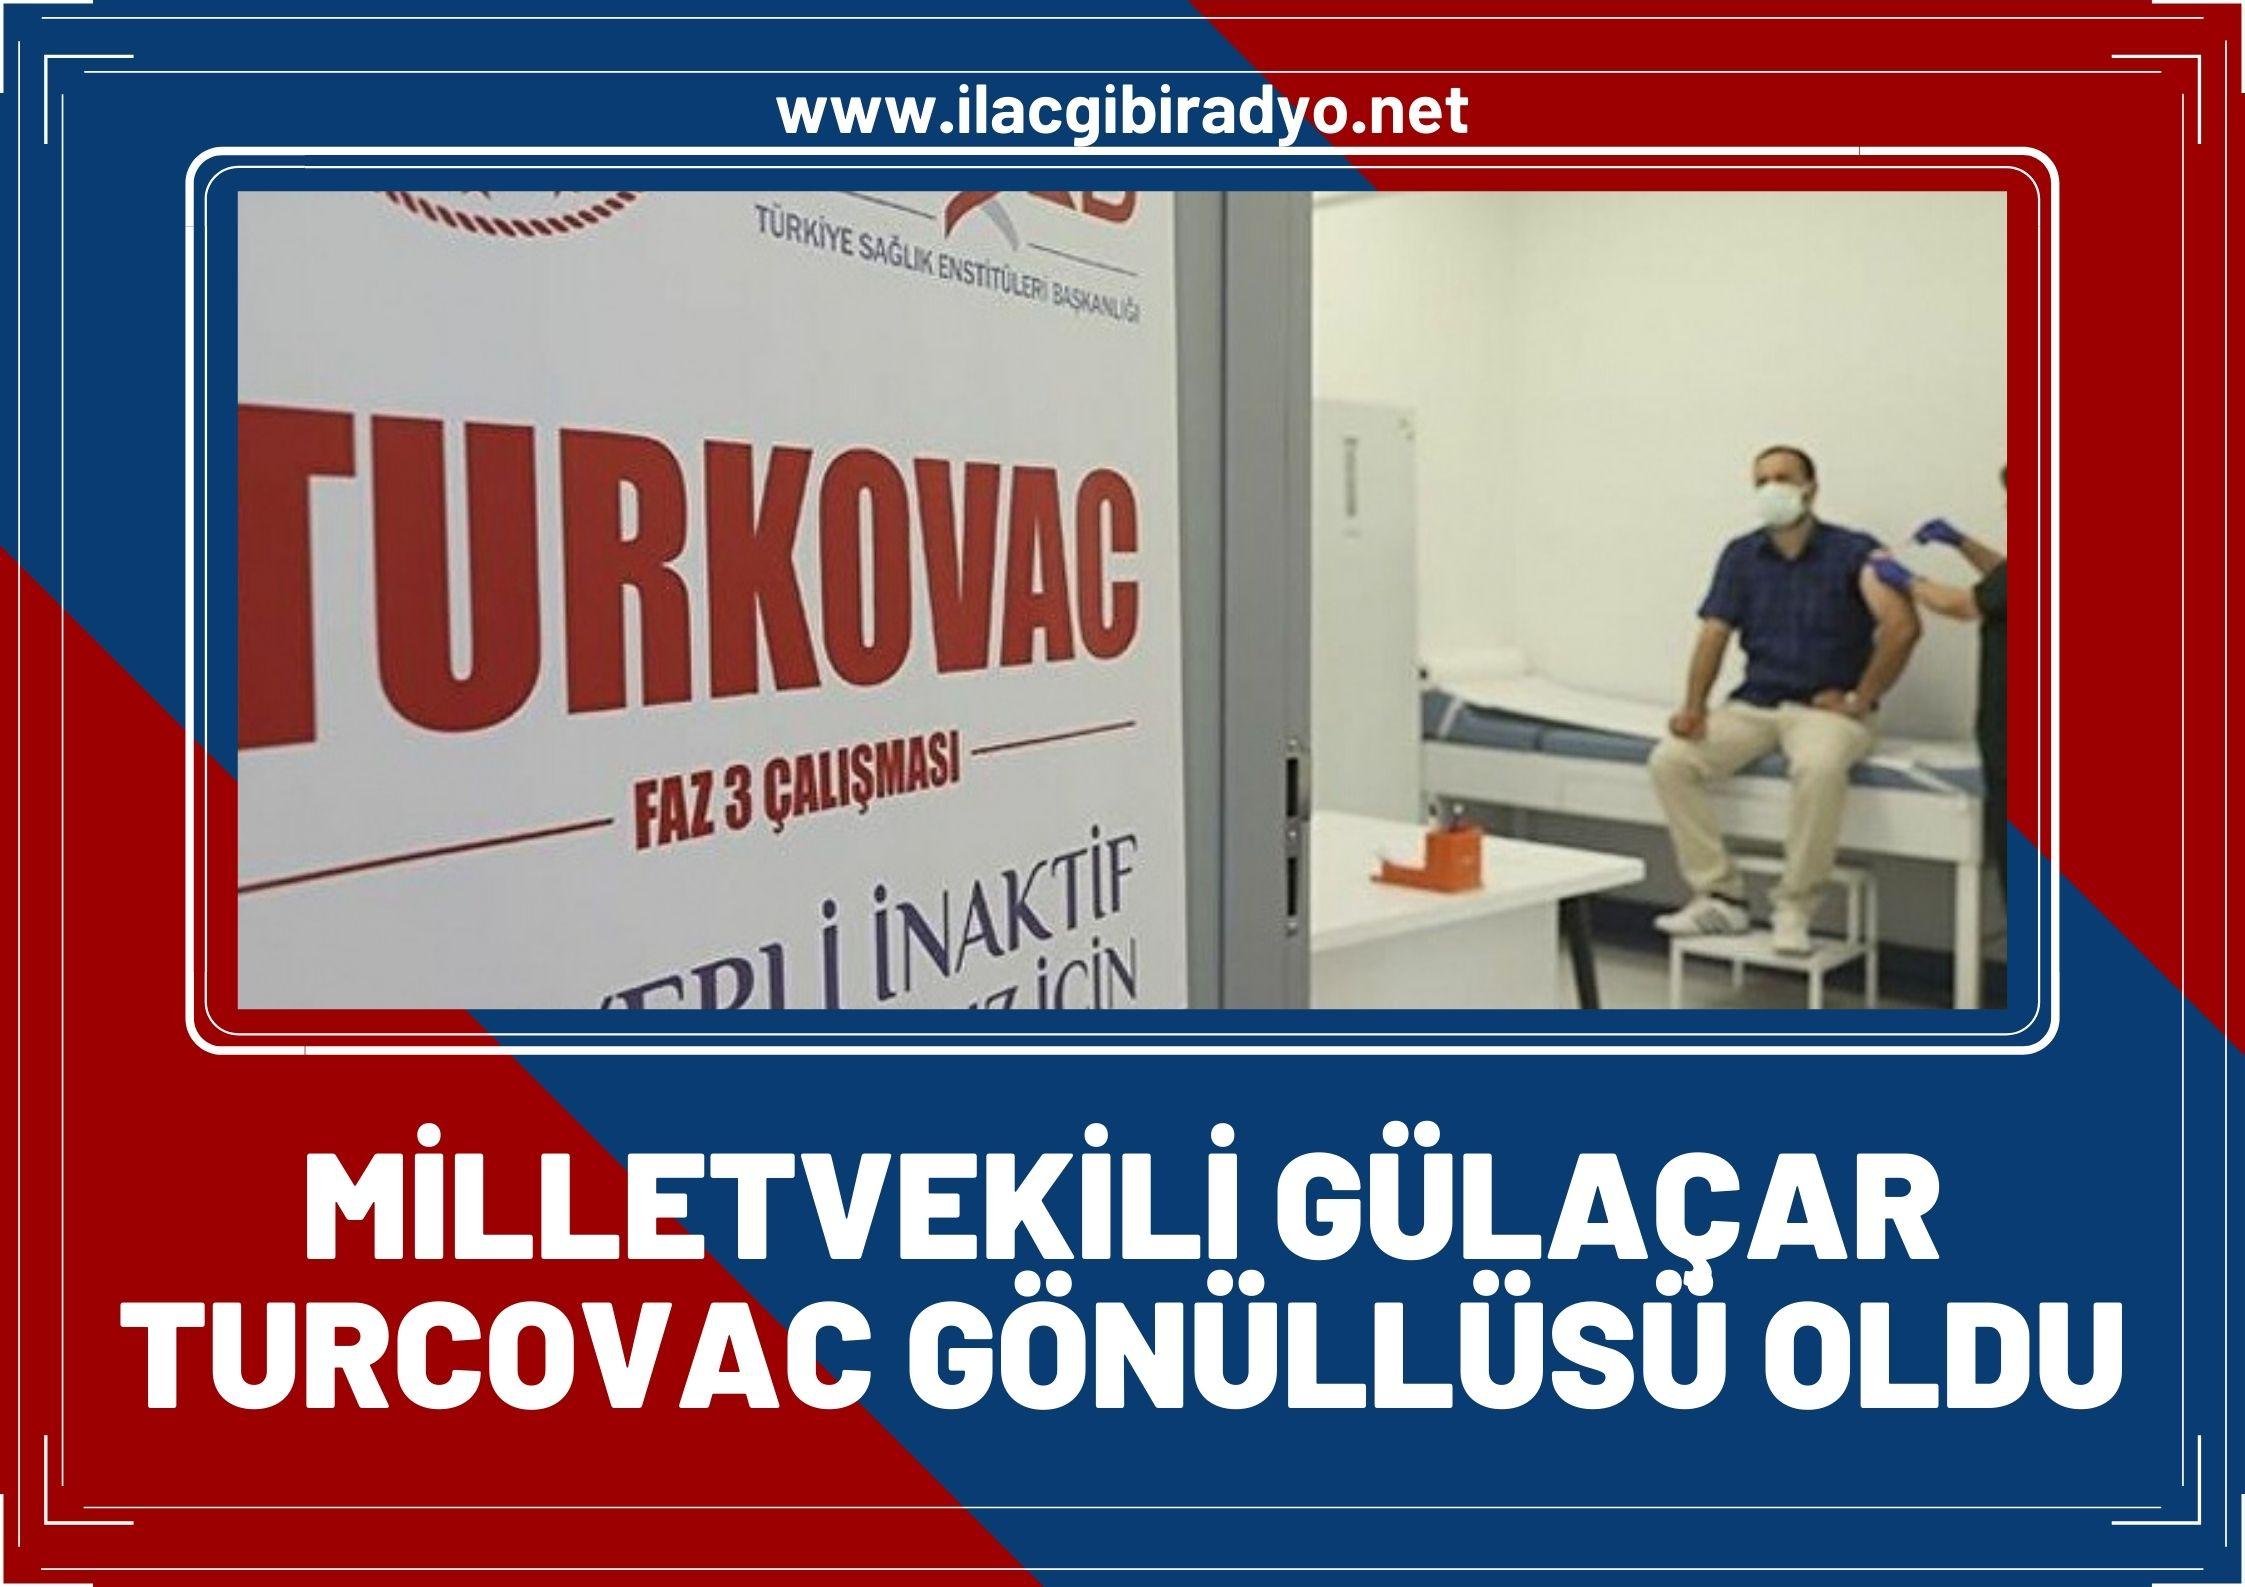 """Milletvekili Gülaçar, yerli aşı Turcovac gönüllüsü oldu! """"Vatandaşları aşıya davet etti"""""""